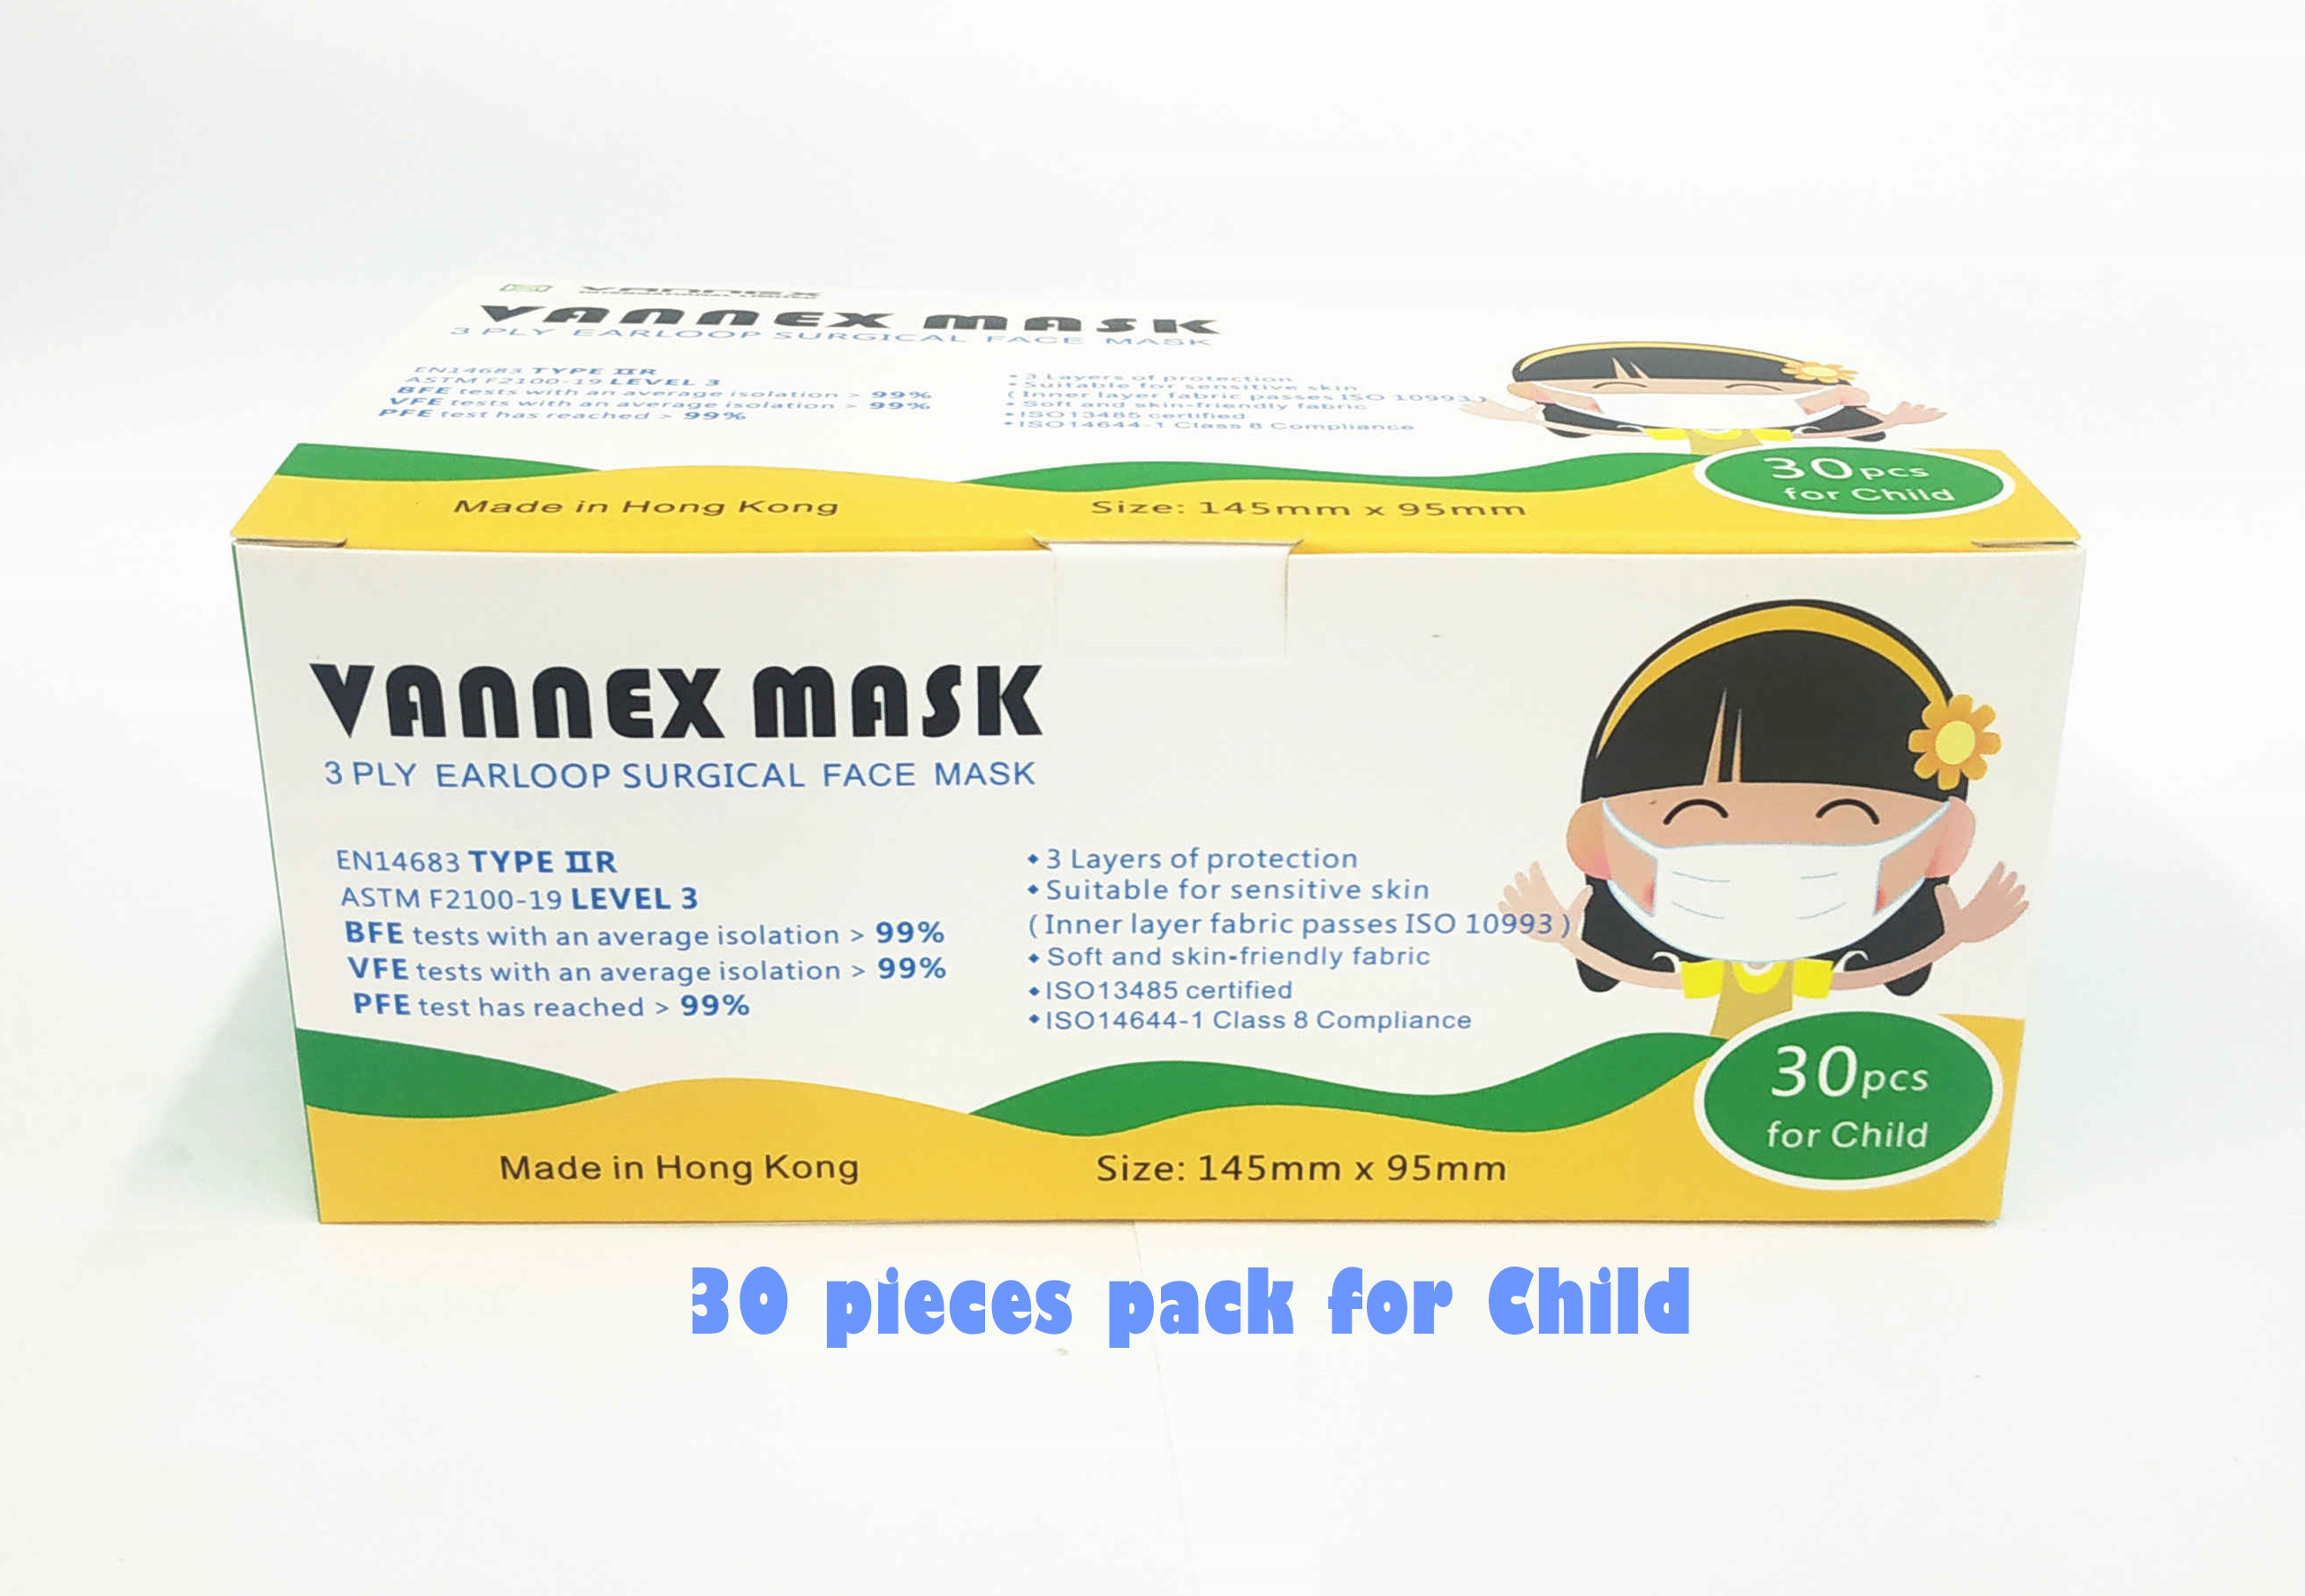 30 pcs pack for Child